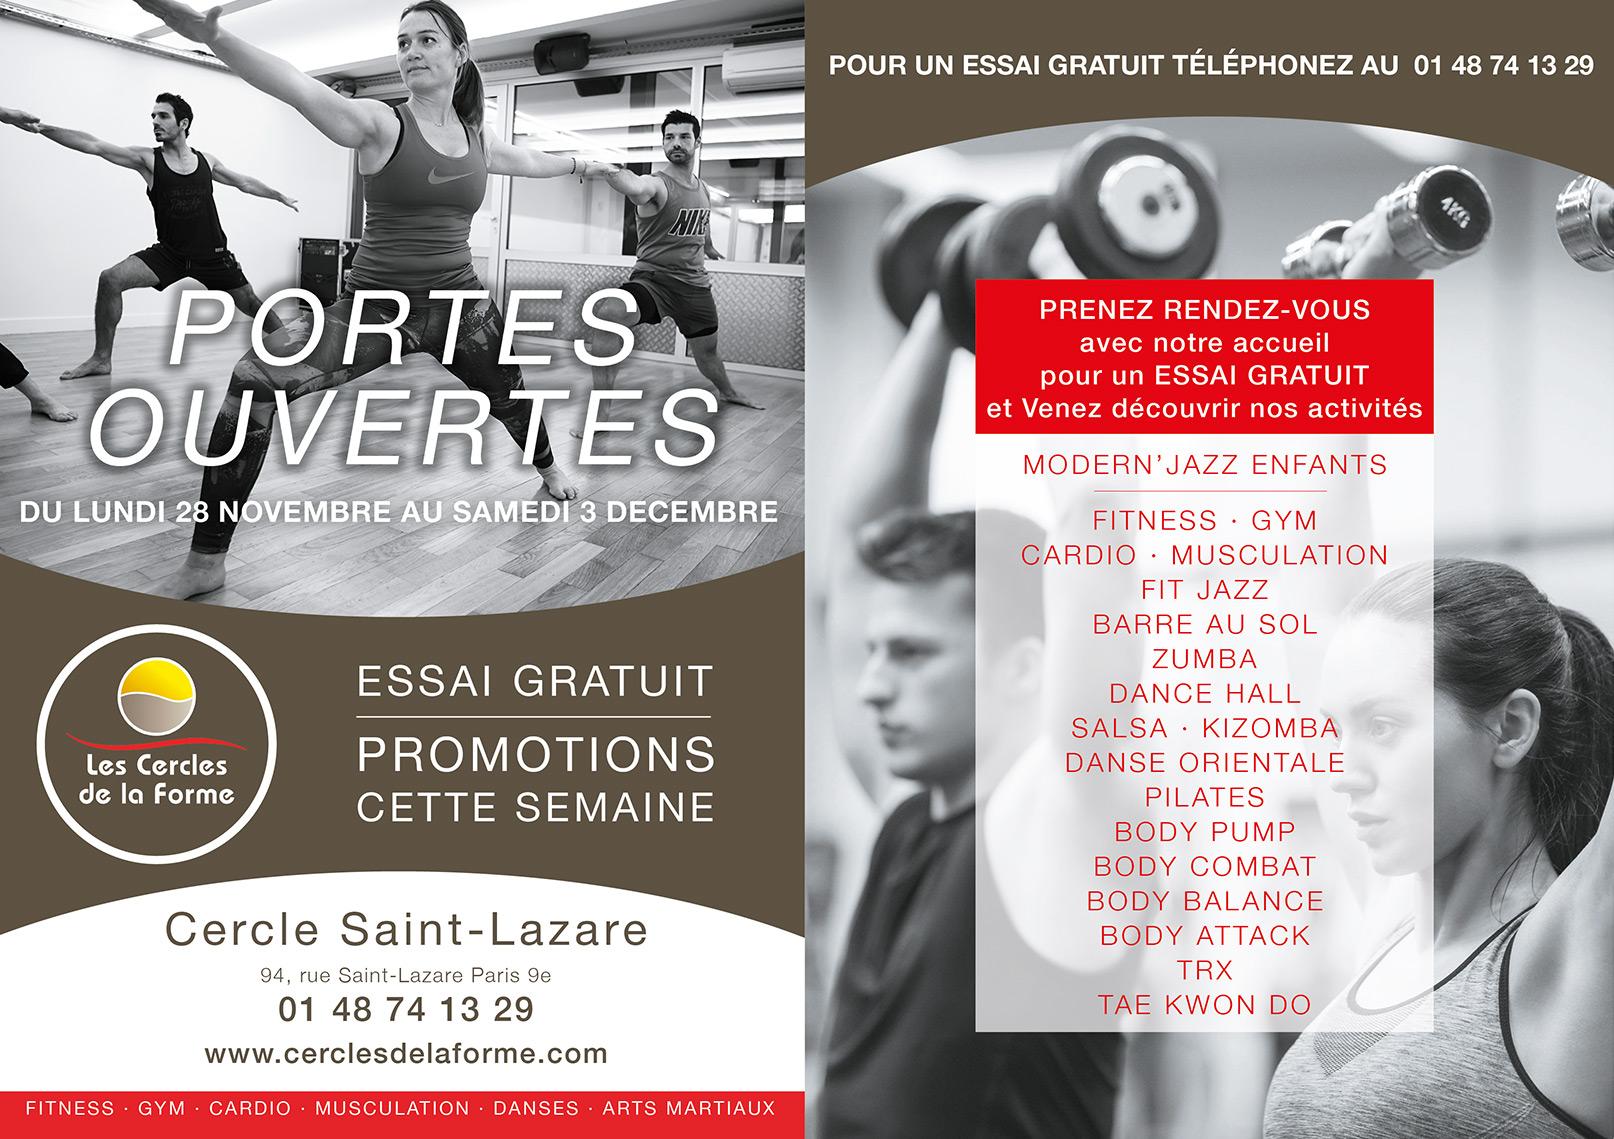 programme-portes-ouvertes-cercle-saint-lazare-2016